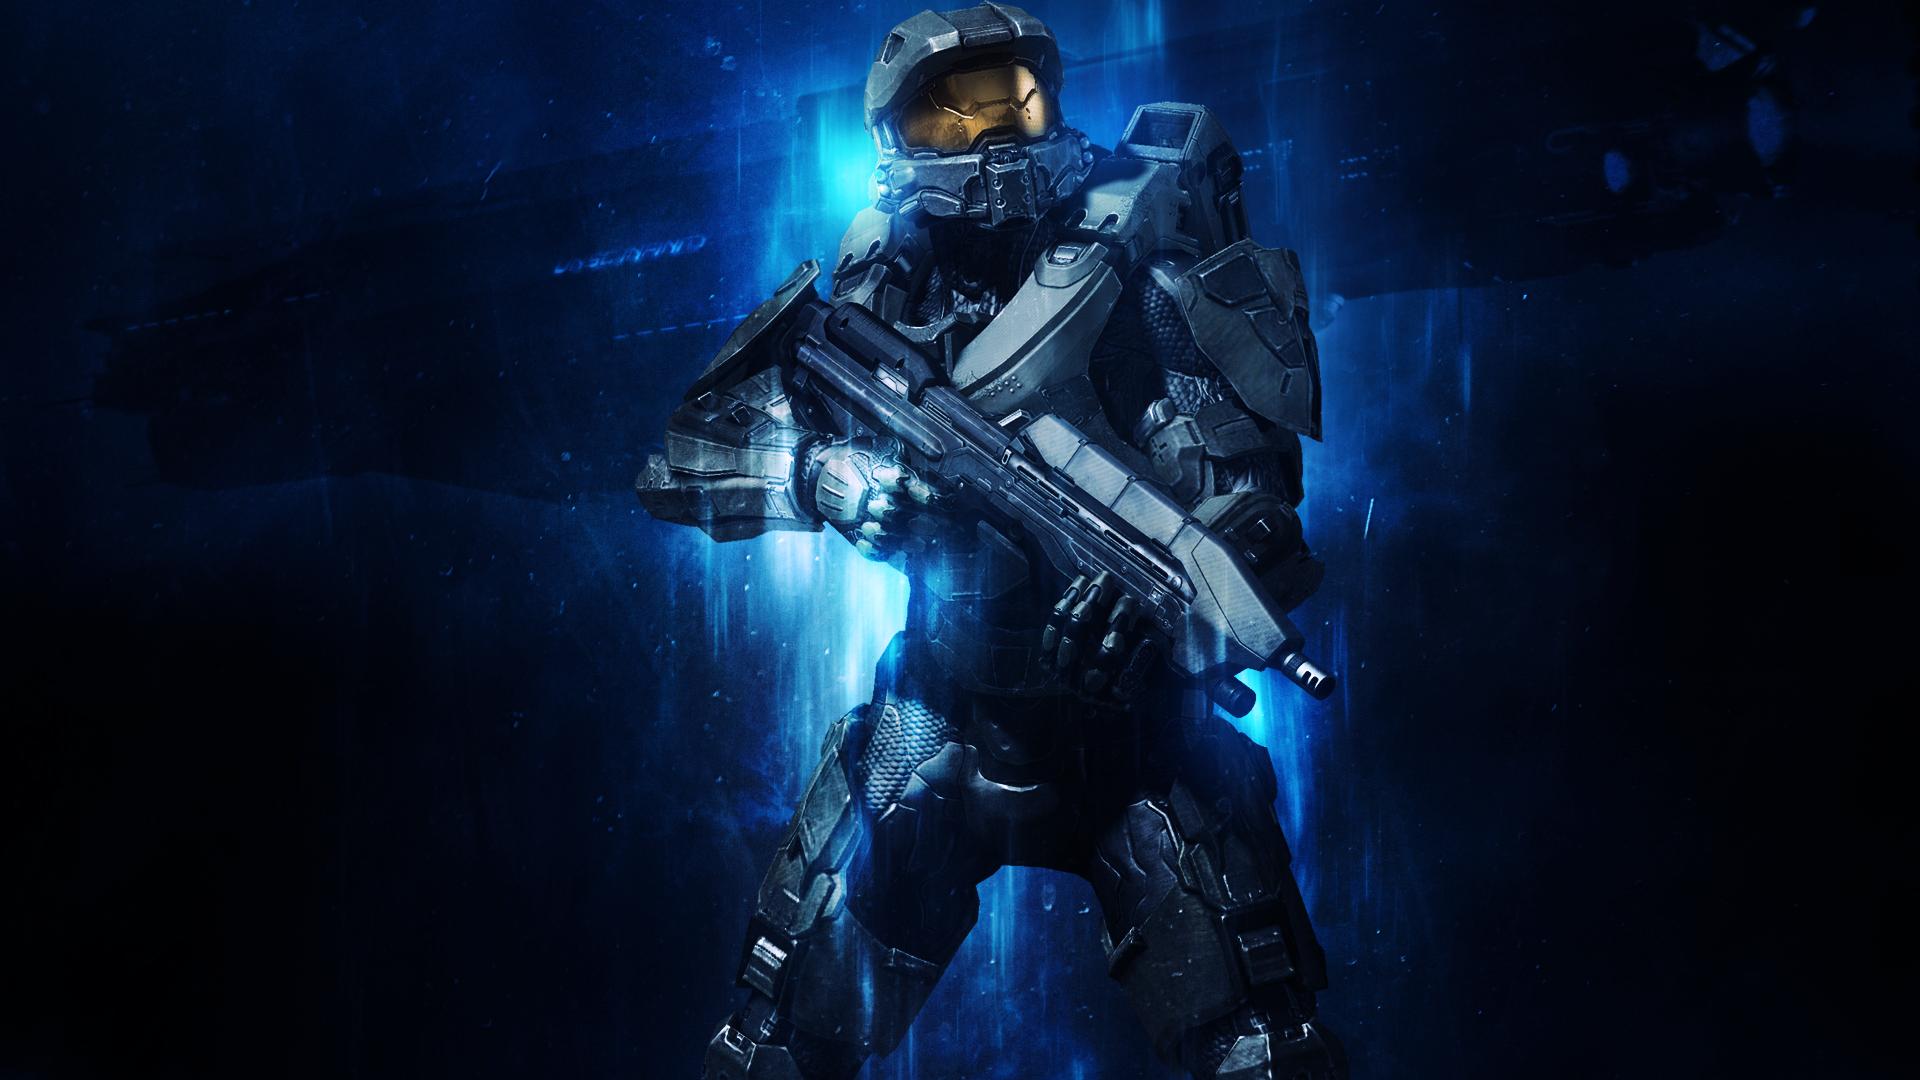 Halo 5 Pics 1920x1080